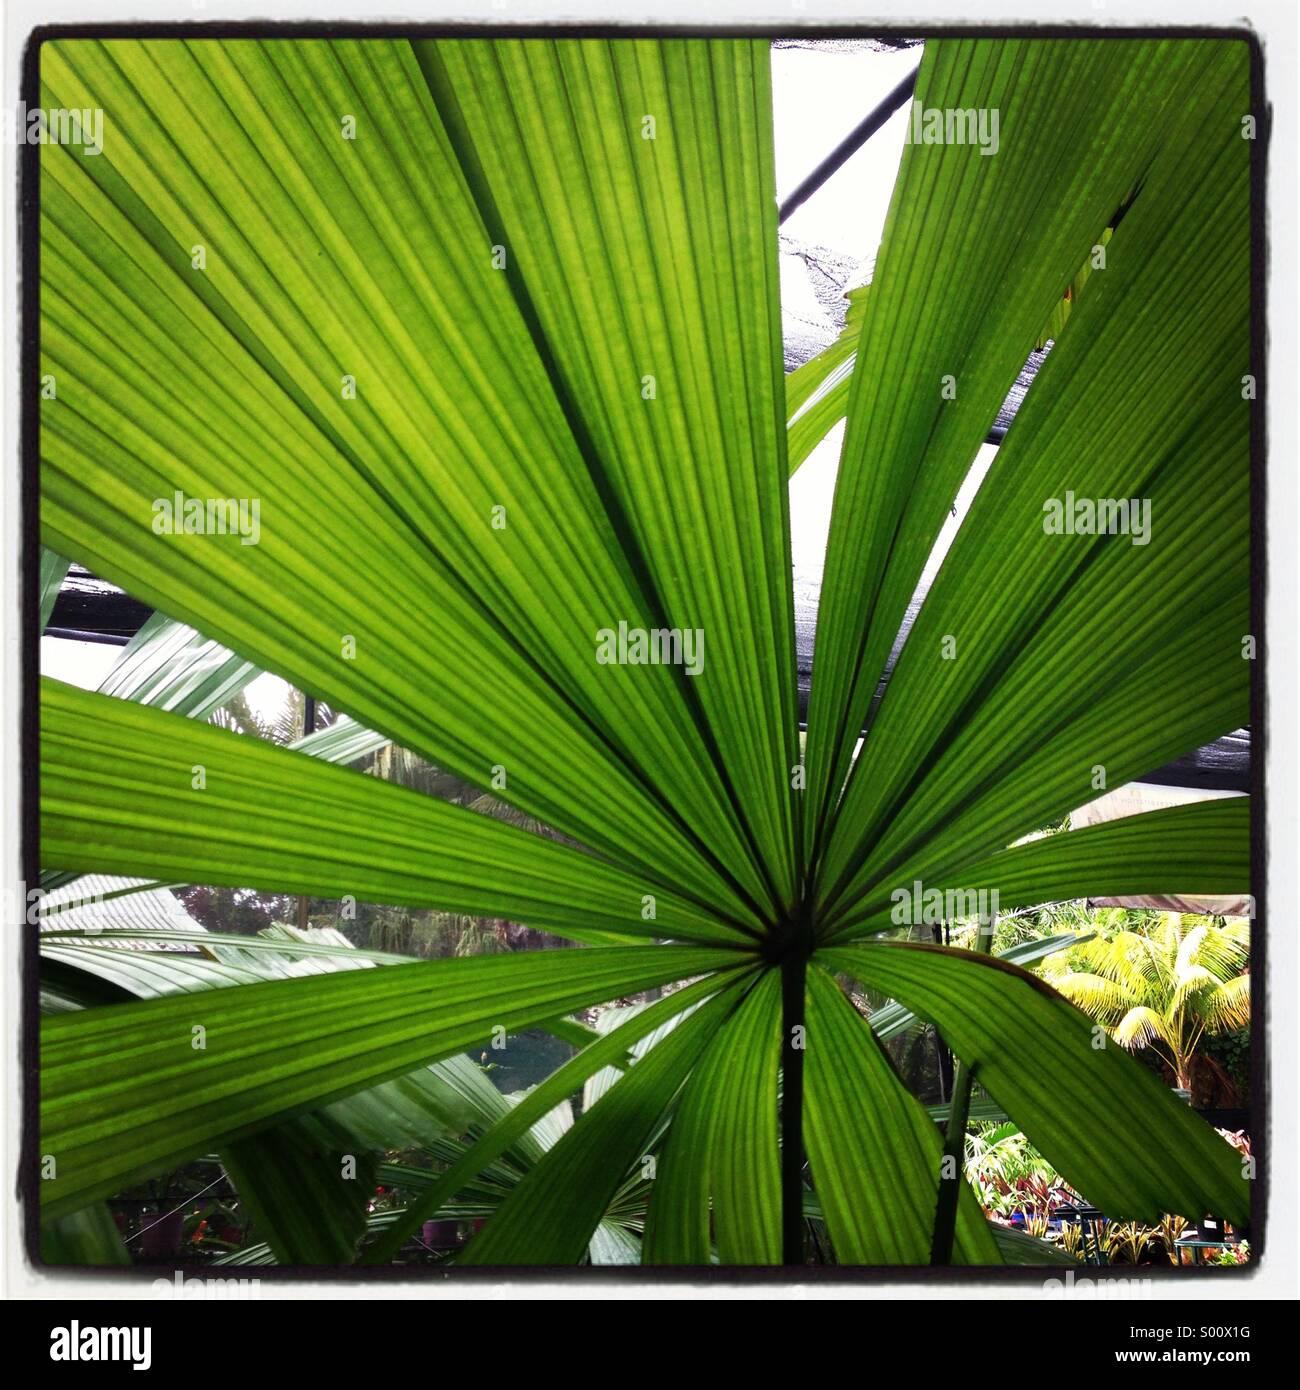 European fan palm - Stock Image